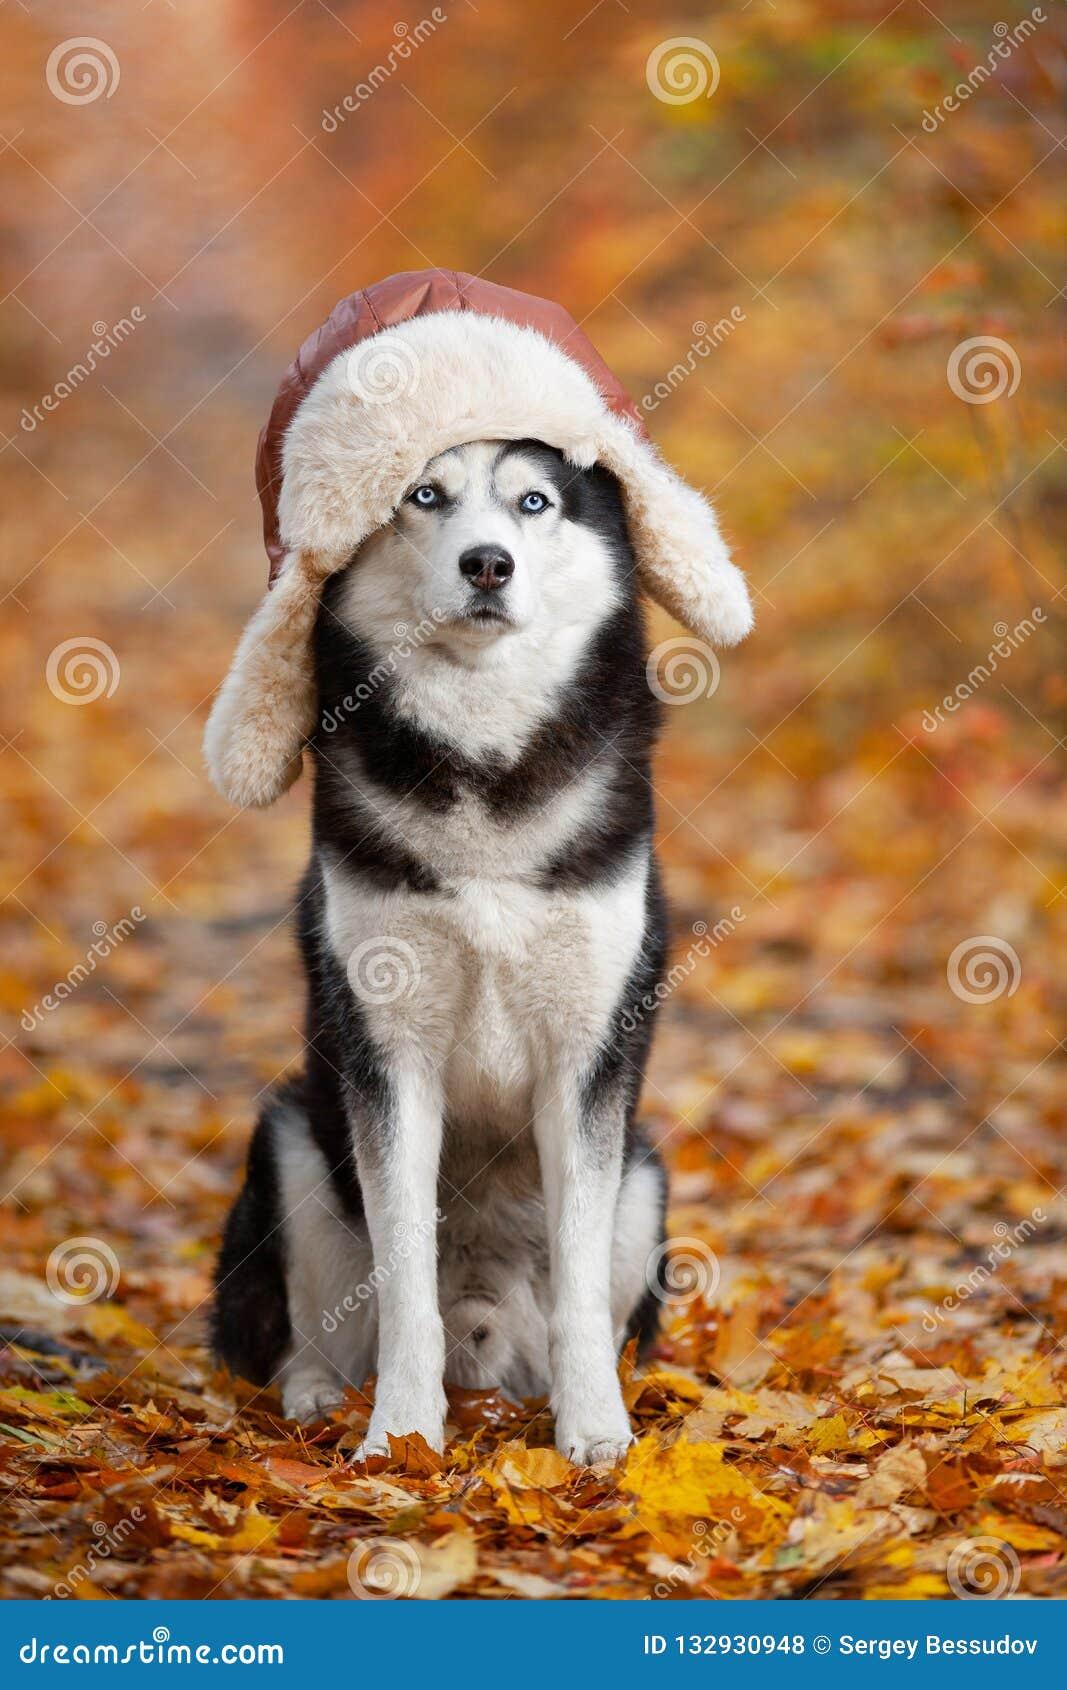 Черно-белая сибирская сиплая собака в шляпе с sittin earflaps